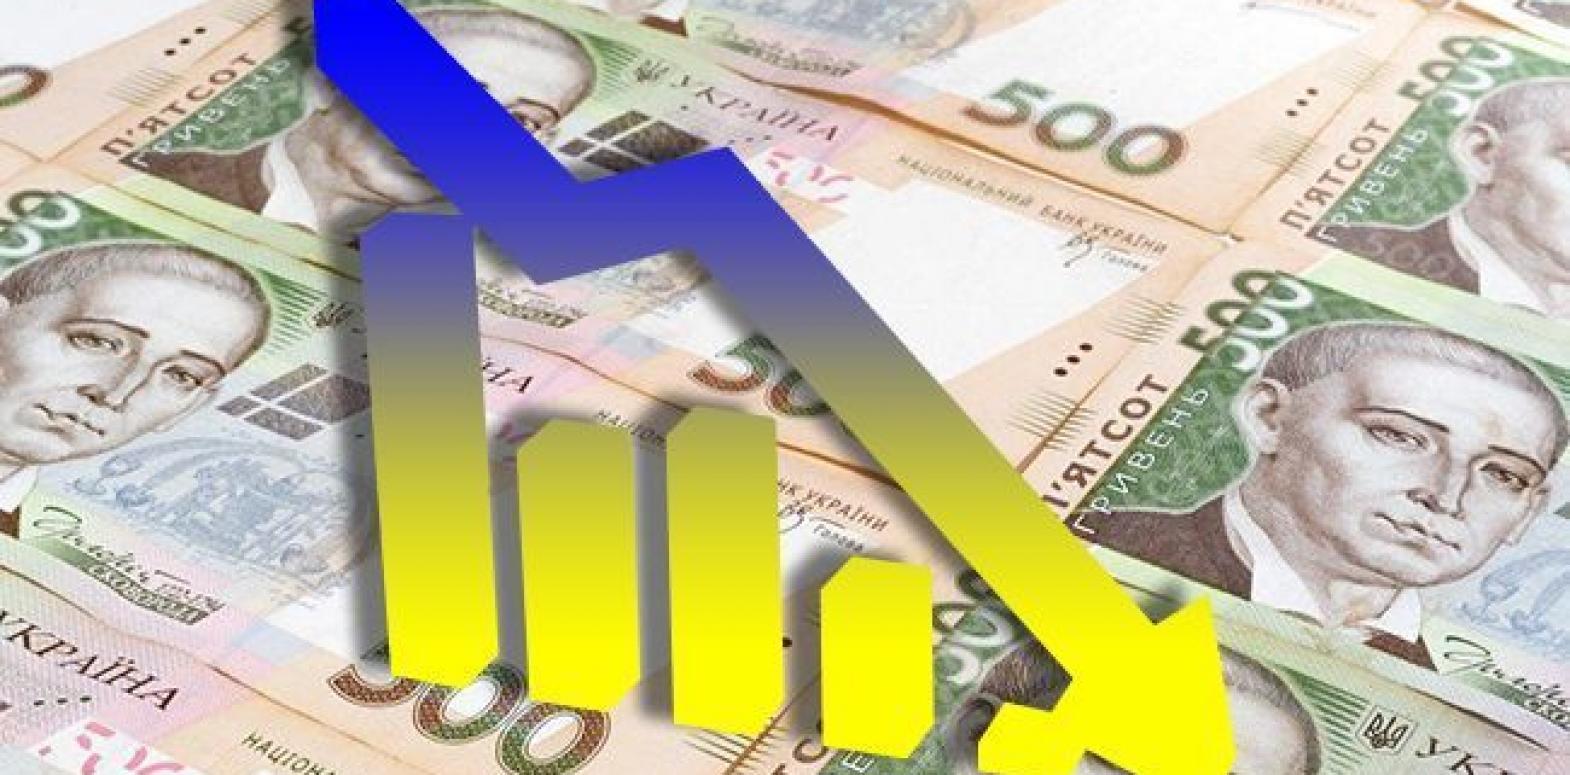 Правительство планирует уменьшить распределение ВВП через бюджет